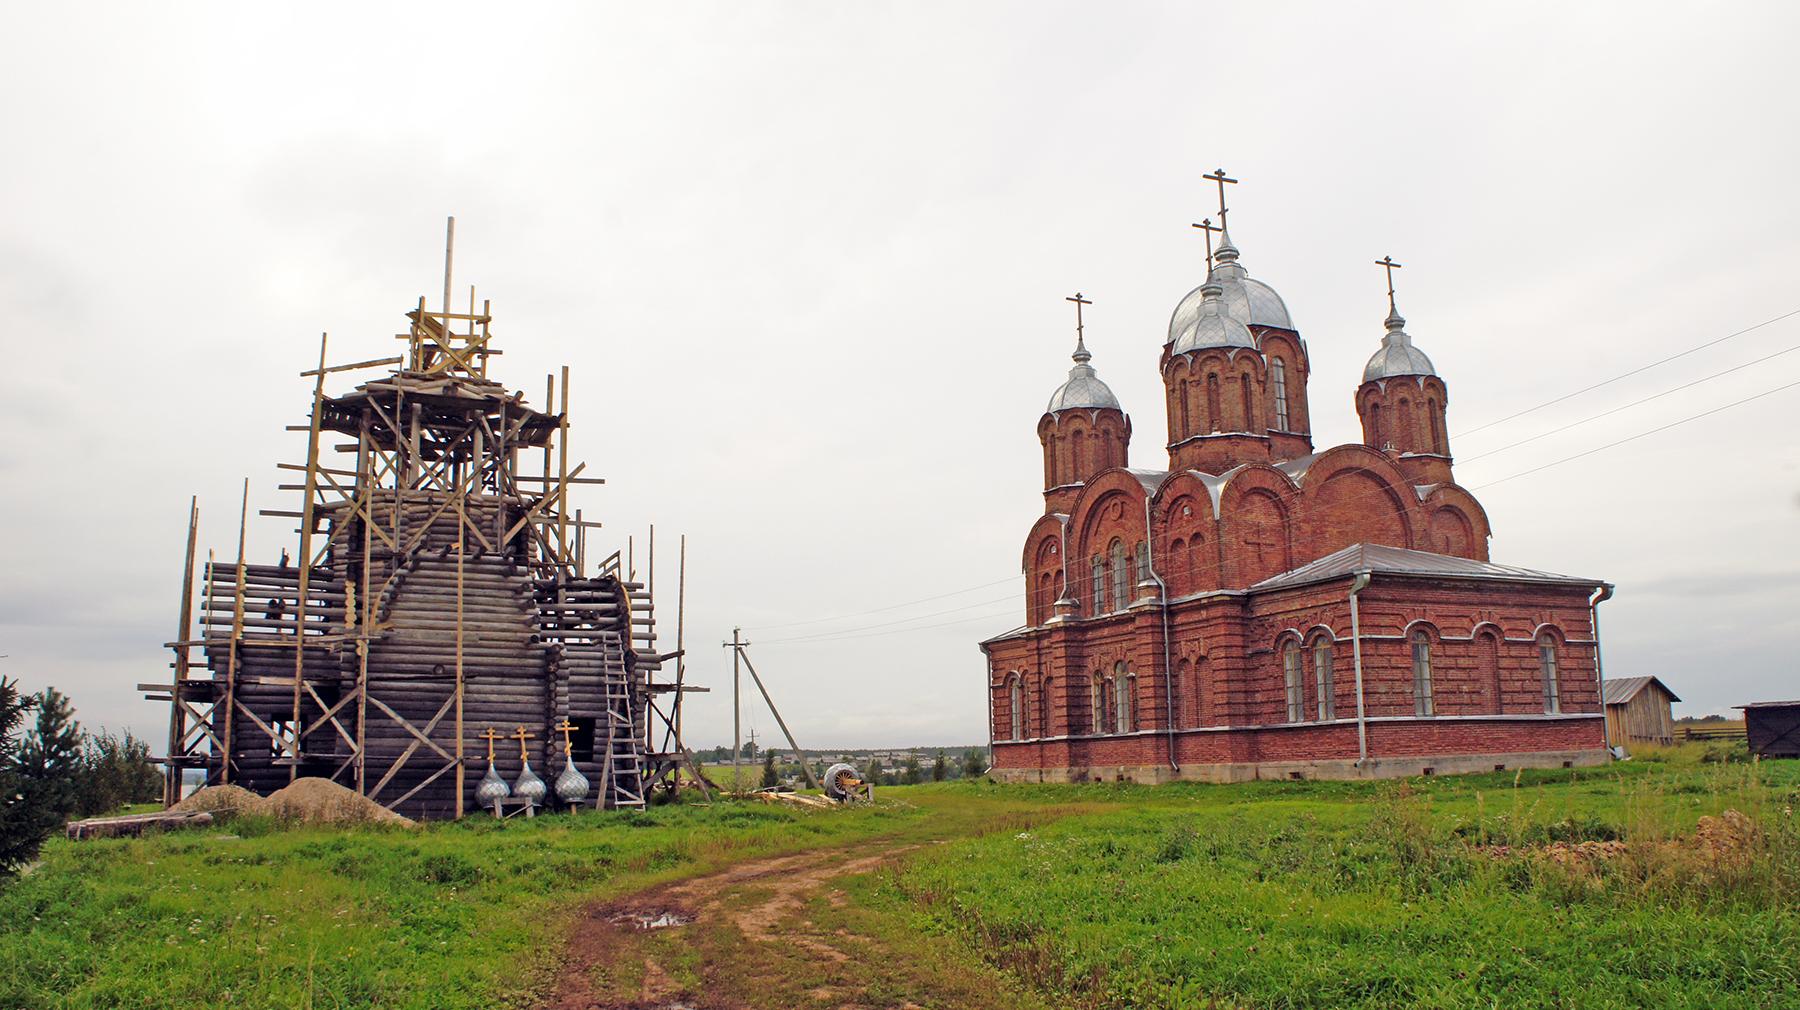 Современное состояние церкви Николая Чудотворца и храма Покрова Пресвятой Богородицы